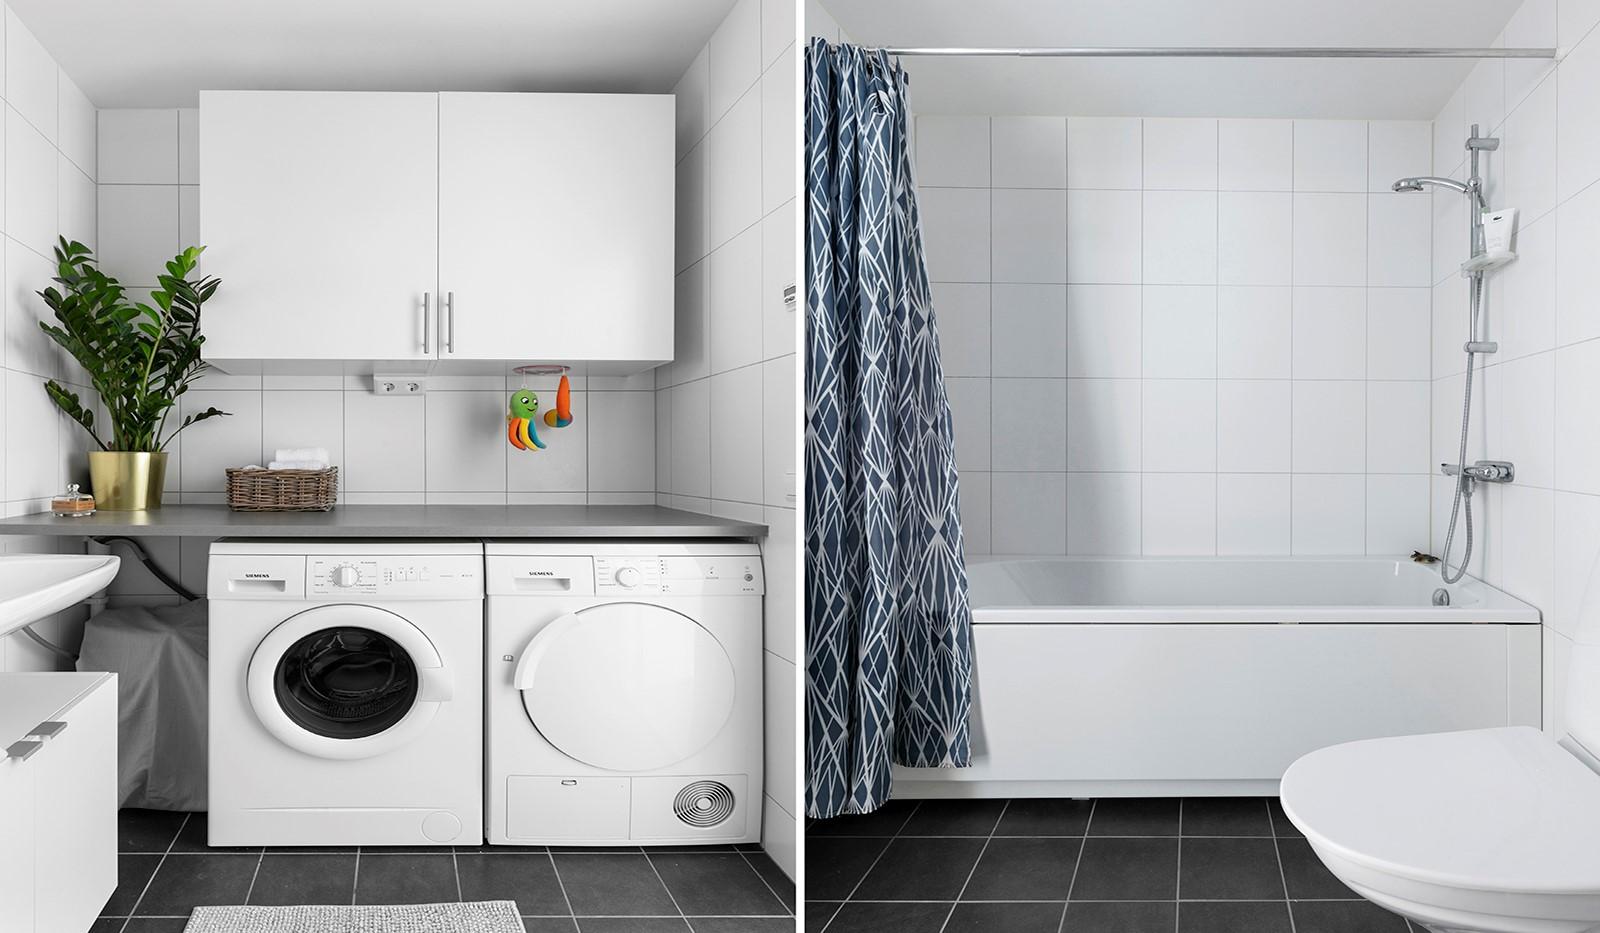 Marieviksgatan 44, 2 tr - Badrummet är utrustat med tvättmaskin och torktumlare